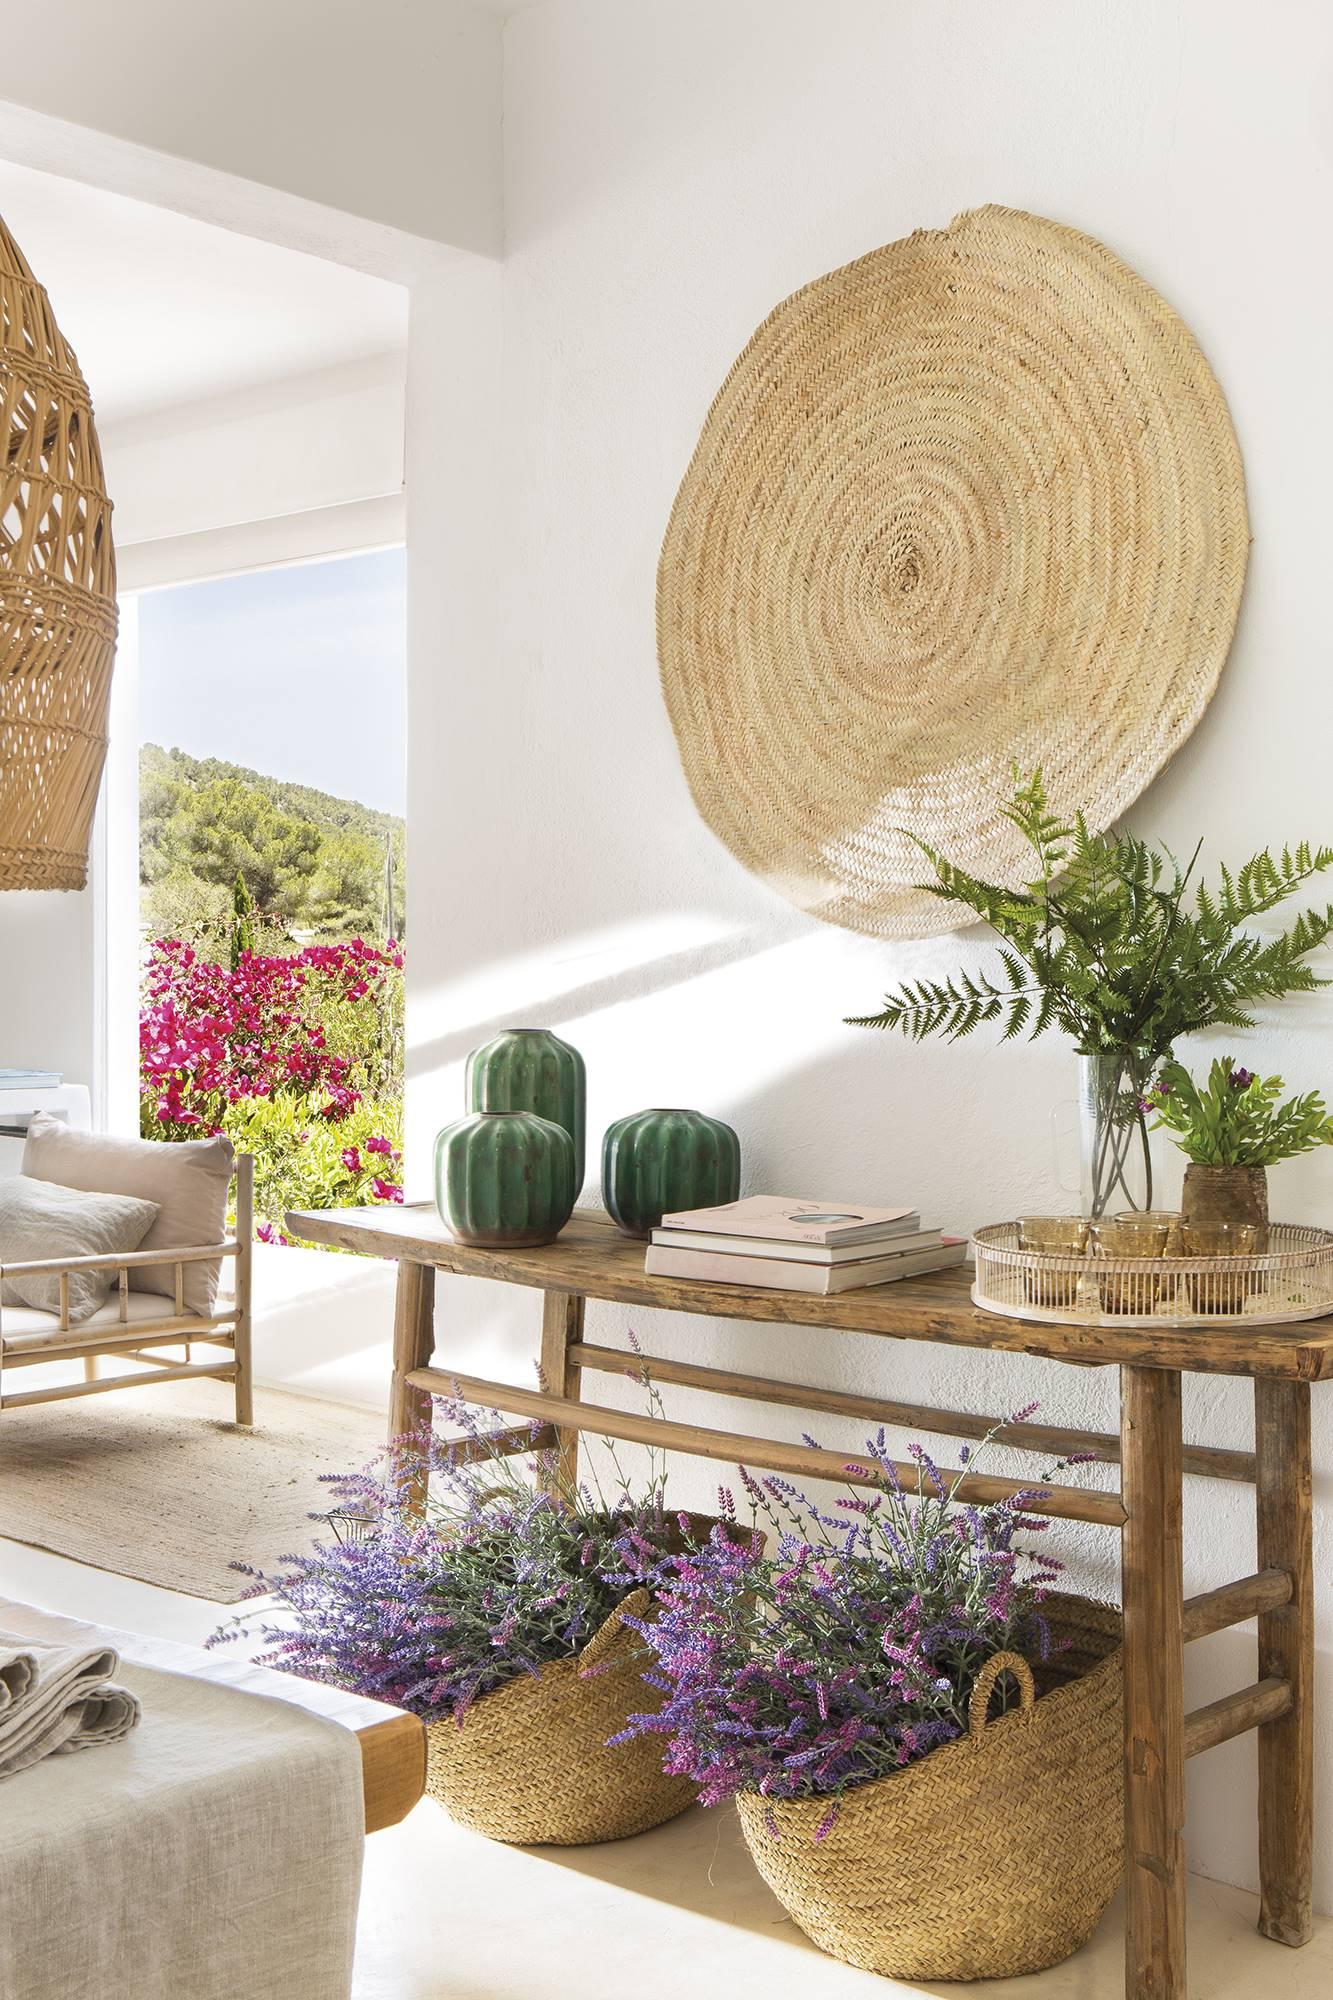 El Mueble Salines Ibiza 538. Un look muy natural e ibicenco